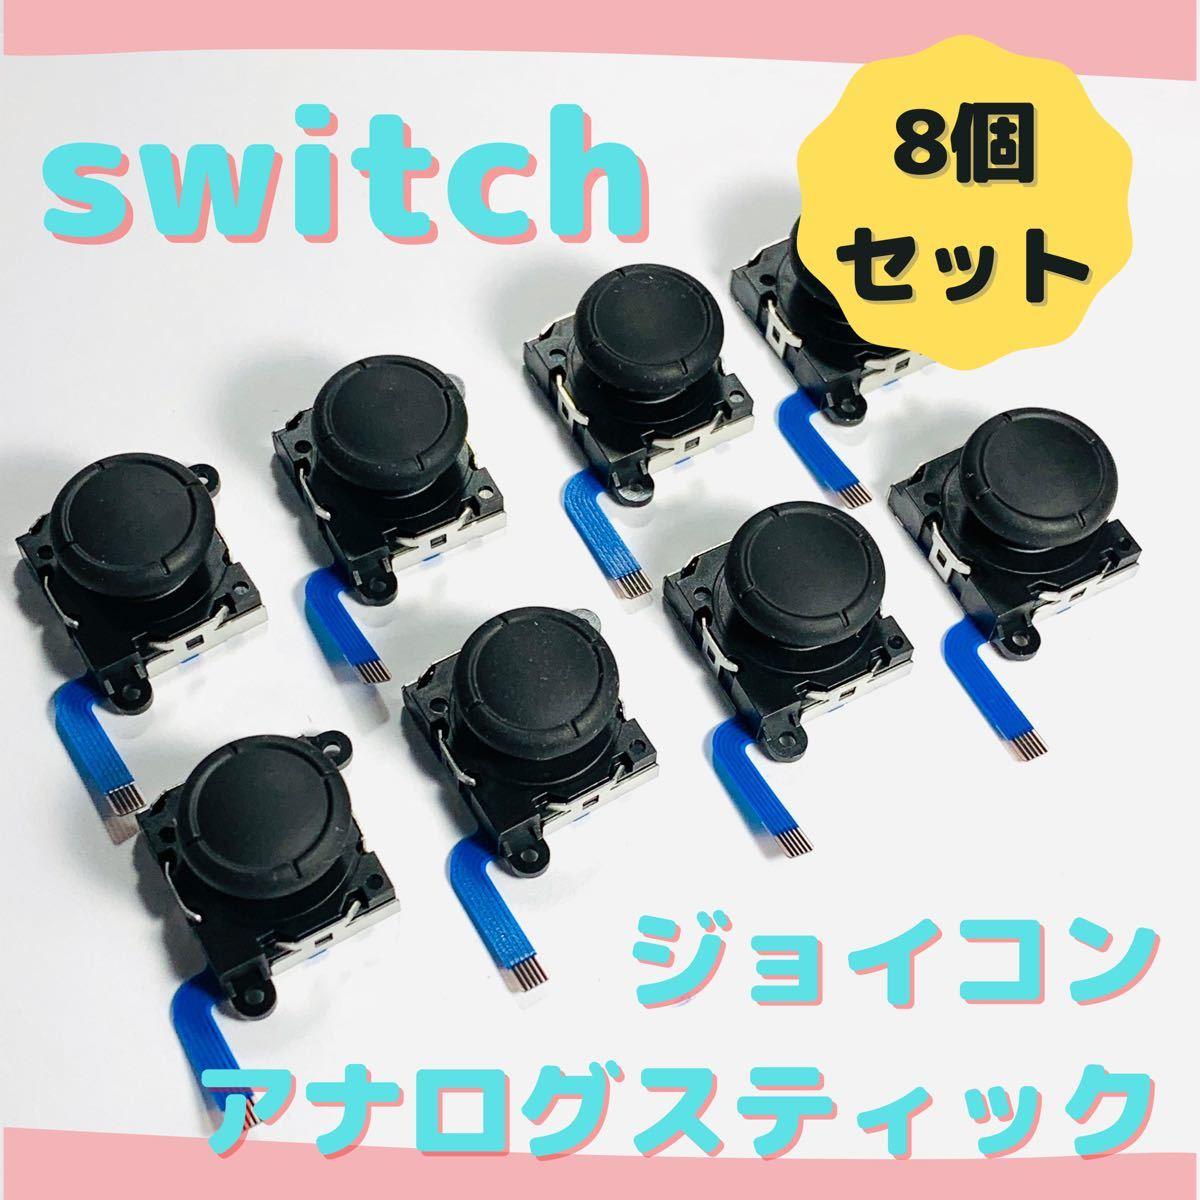 【新品】ジョイコン修理 スイッチ アナログスティック 8個 互換品